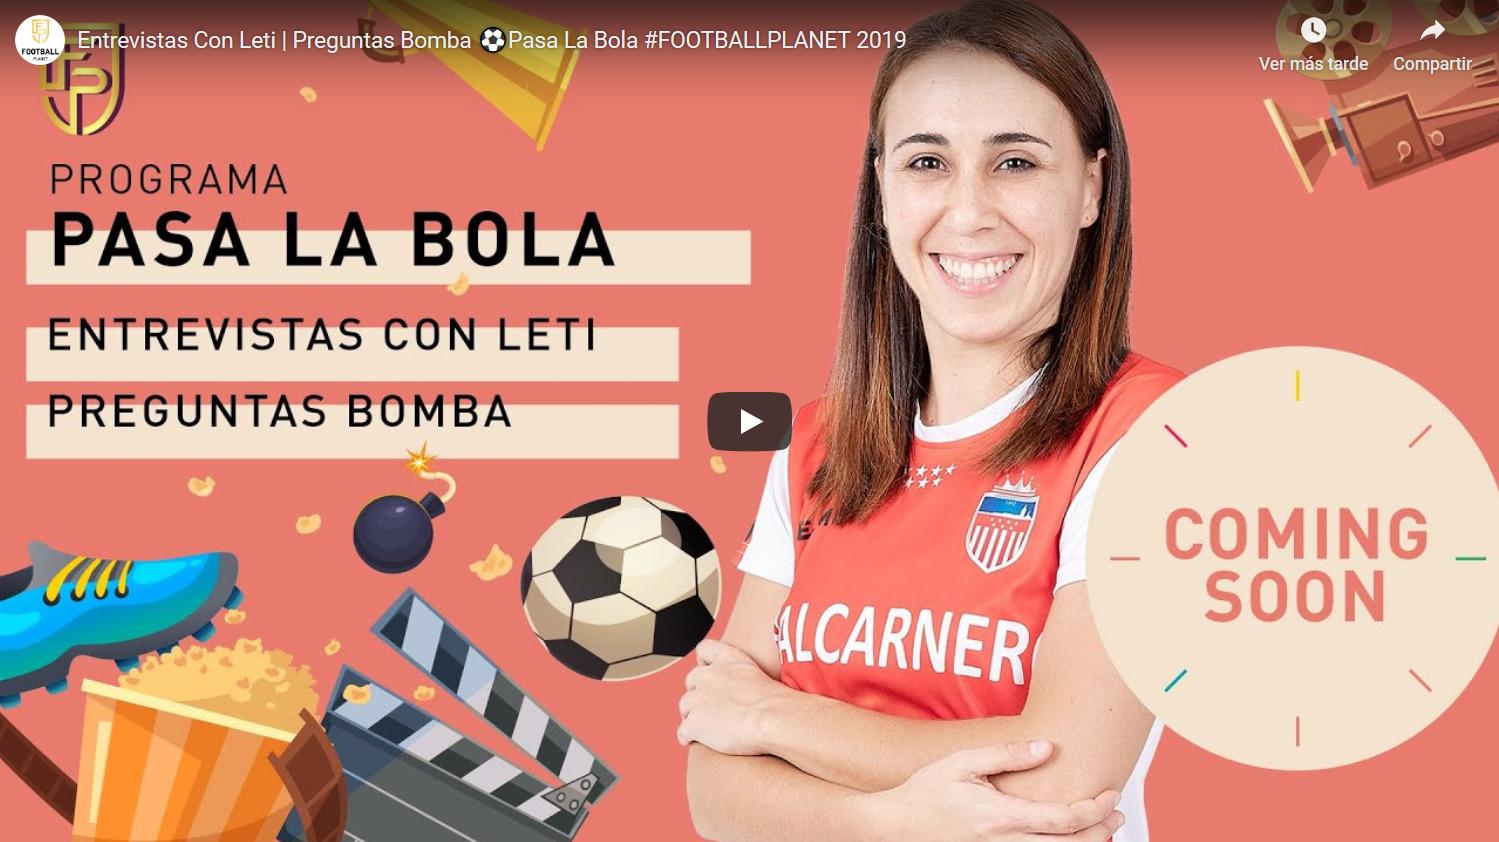 """Entrevista a Vane Sotelo en el espacio """"Pasa la Bola"""" del Canal Football Planet"""